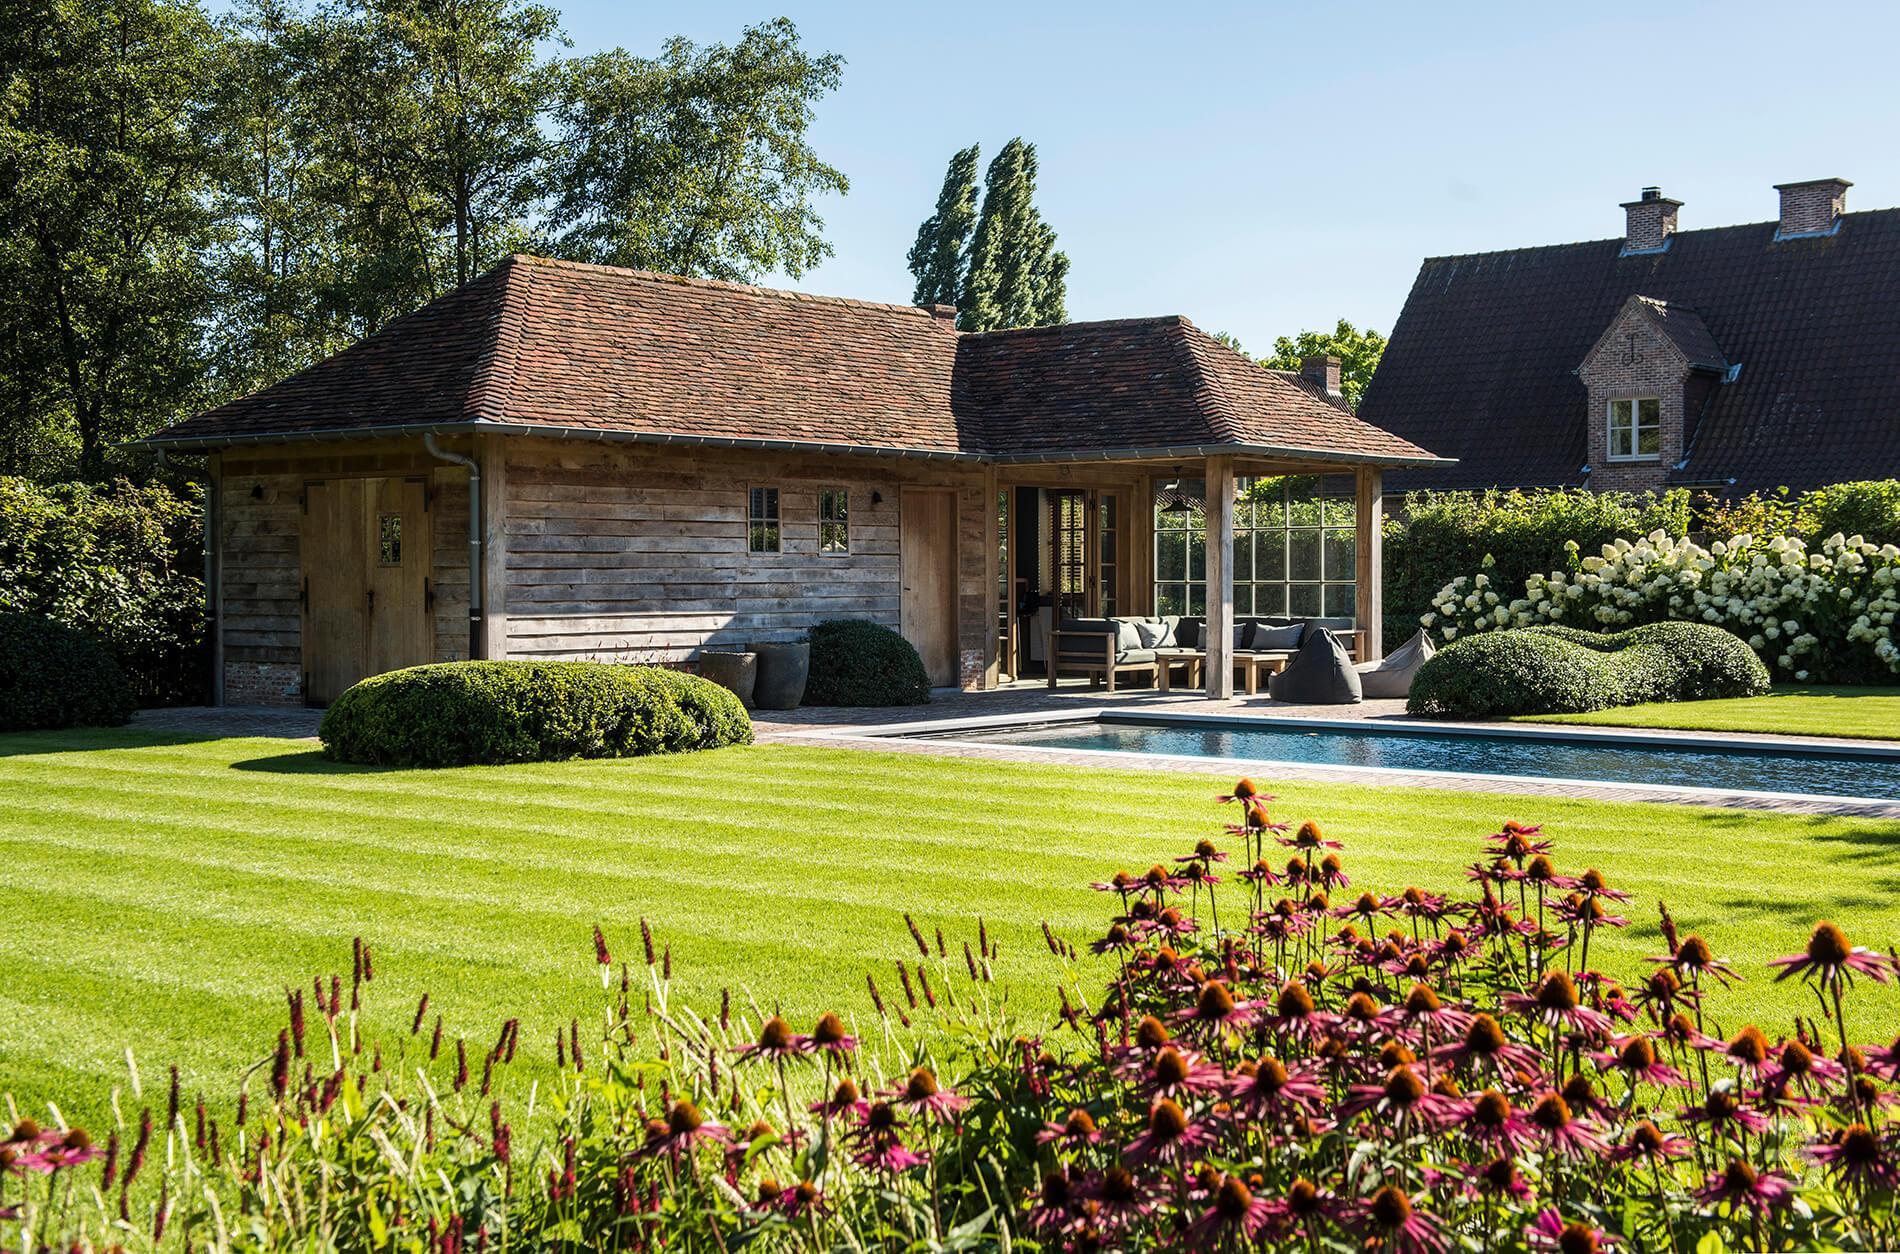 Afbeelding project Landelijke tuin met bijgebouw en zwembad rond mooie woning in Vlaamse stijl